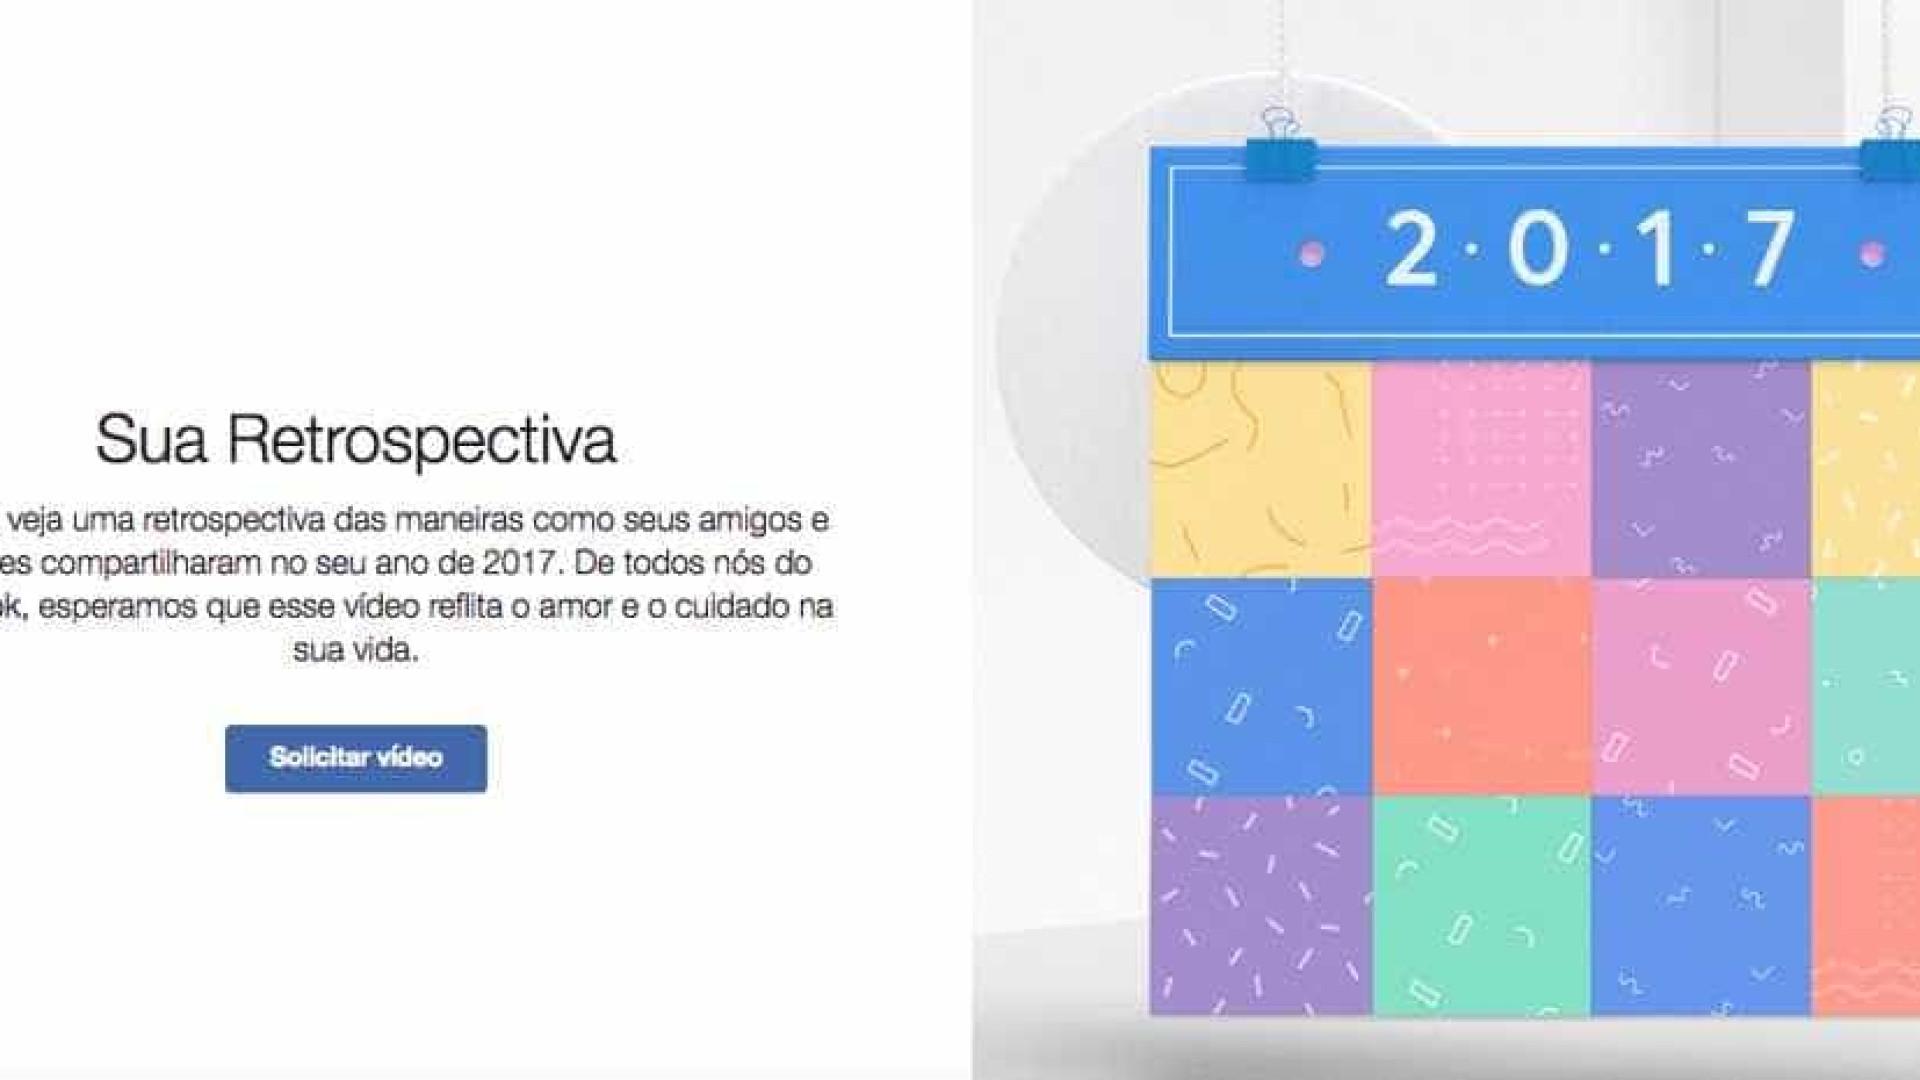 Saiba como fazer sua retrospectiva 2017 no Facebook